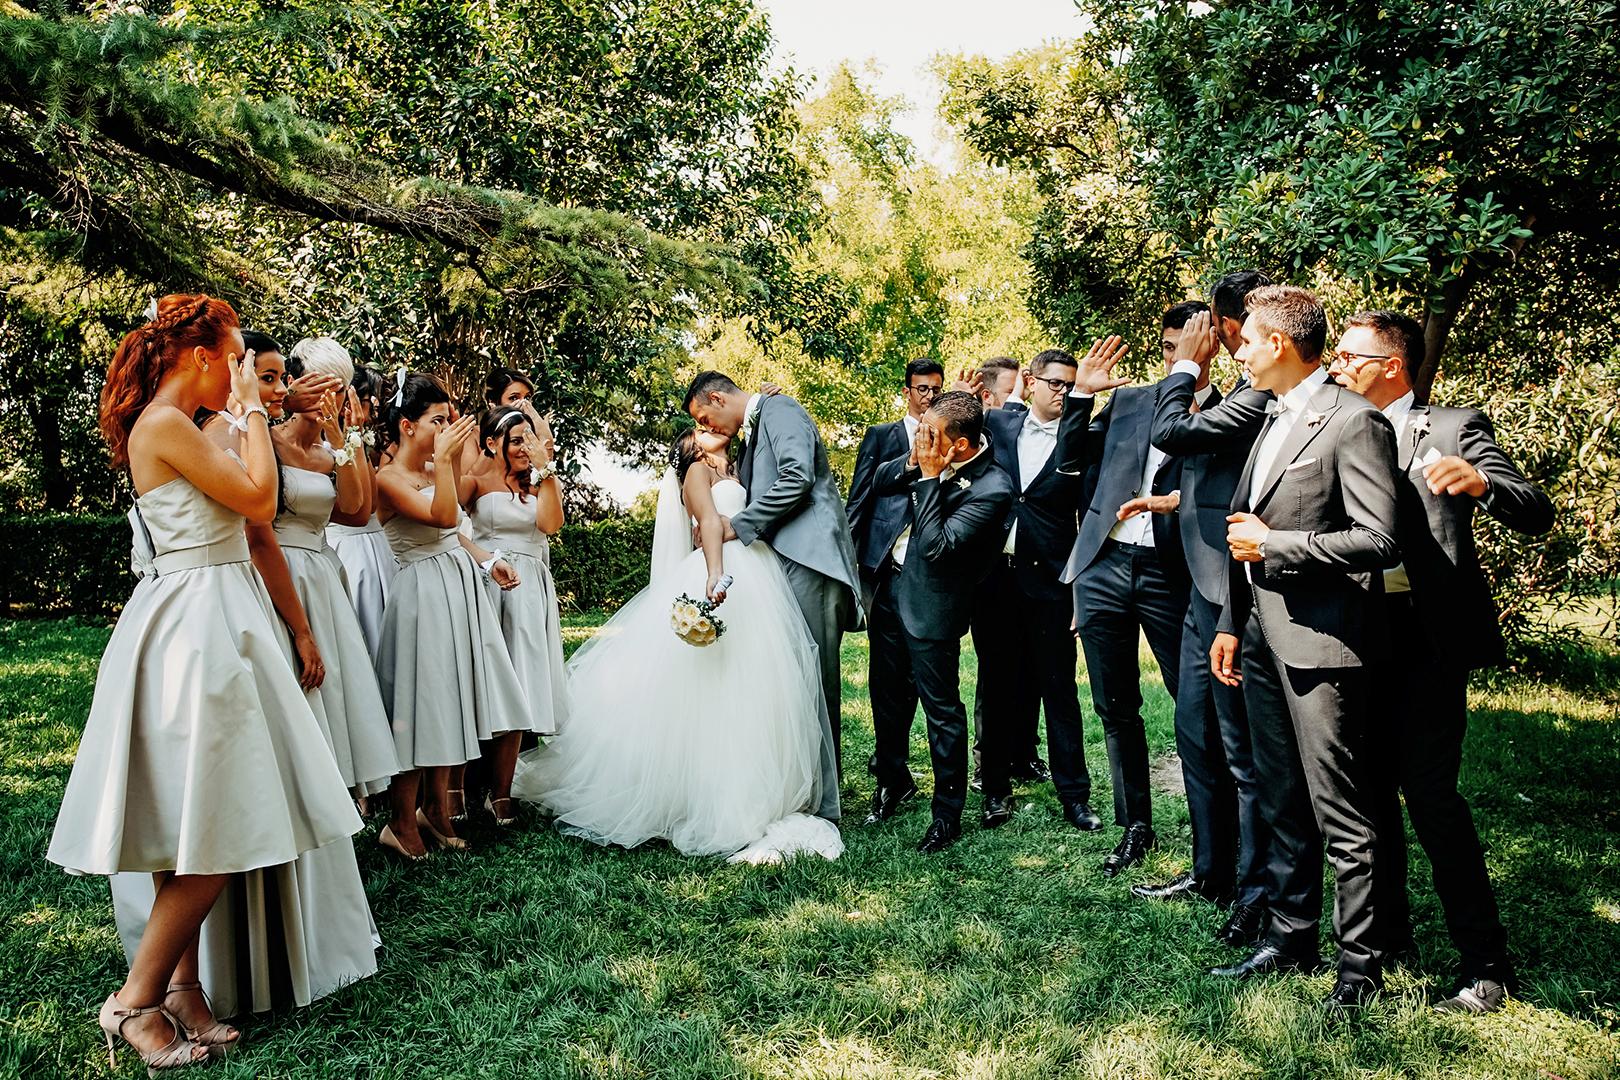 41 gianni-lepore-fineart-lucera-villa-spodi-bride-groom-damigelle-testimoni-ritratto-famiglia-wedding